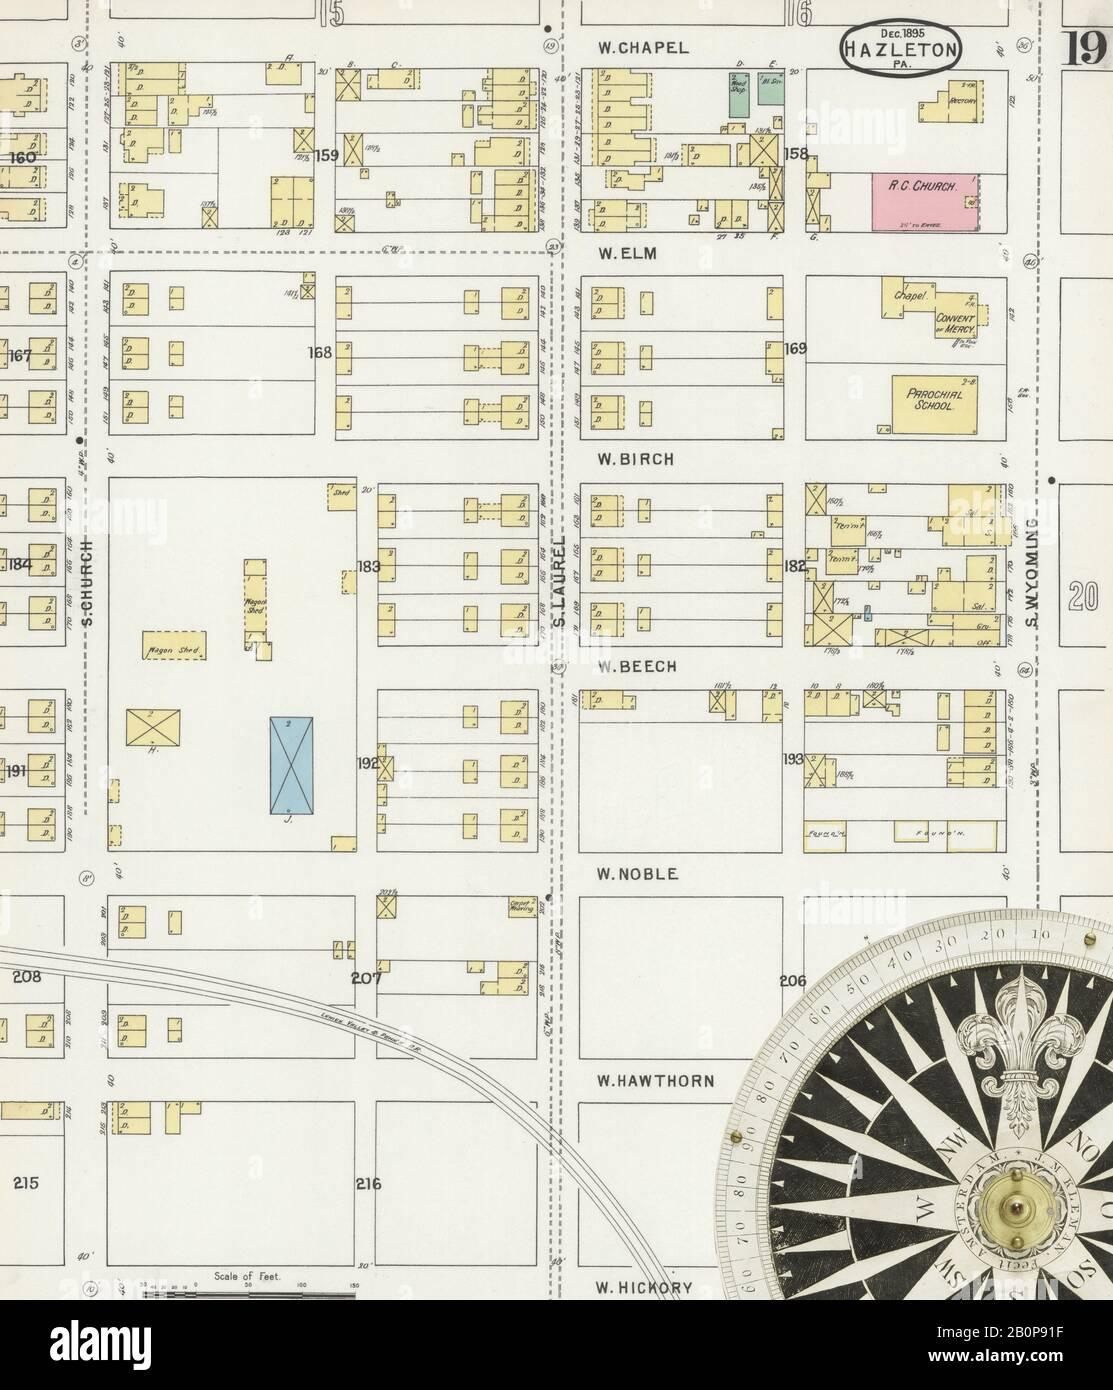 Bild 19 von Sanborn Fire Insurance Map aus Hazleton, Luzerne County, Pennsylvania. Dezember 1895. 24 Blatt(e), Amerika, Straßenkarte mit einem Kompass Aus Dem 19. Jahrhundert Stockfoto